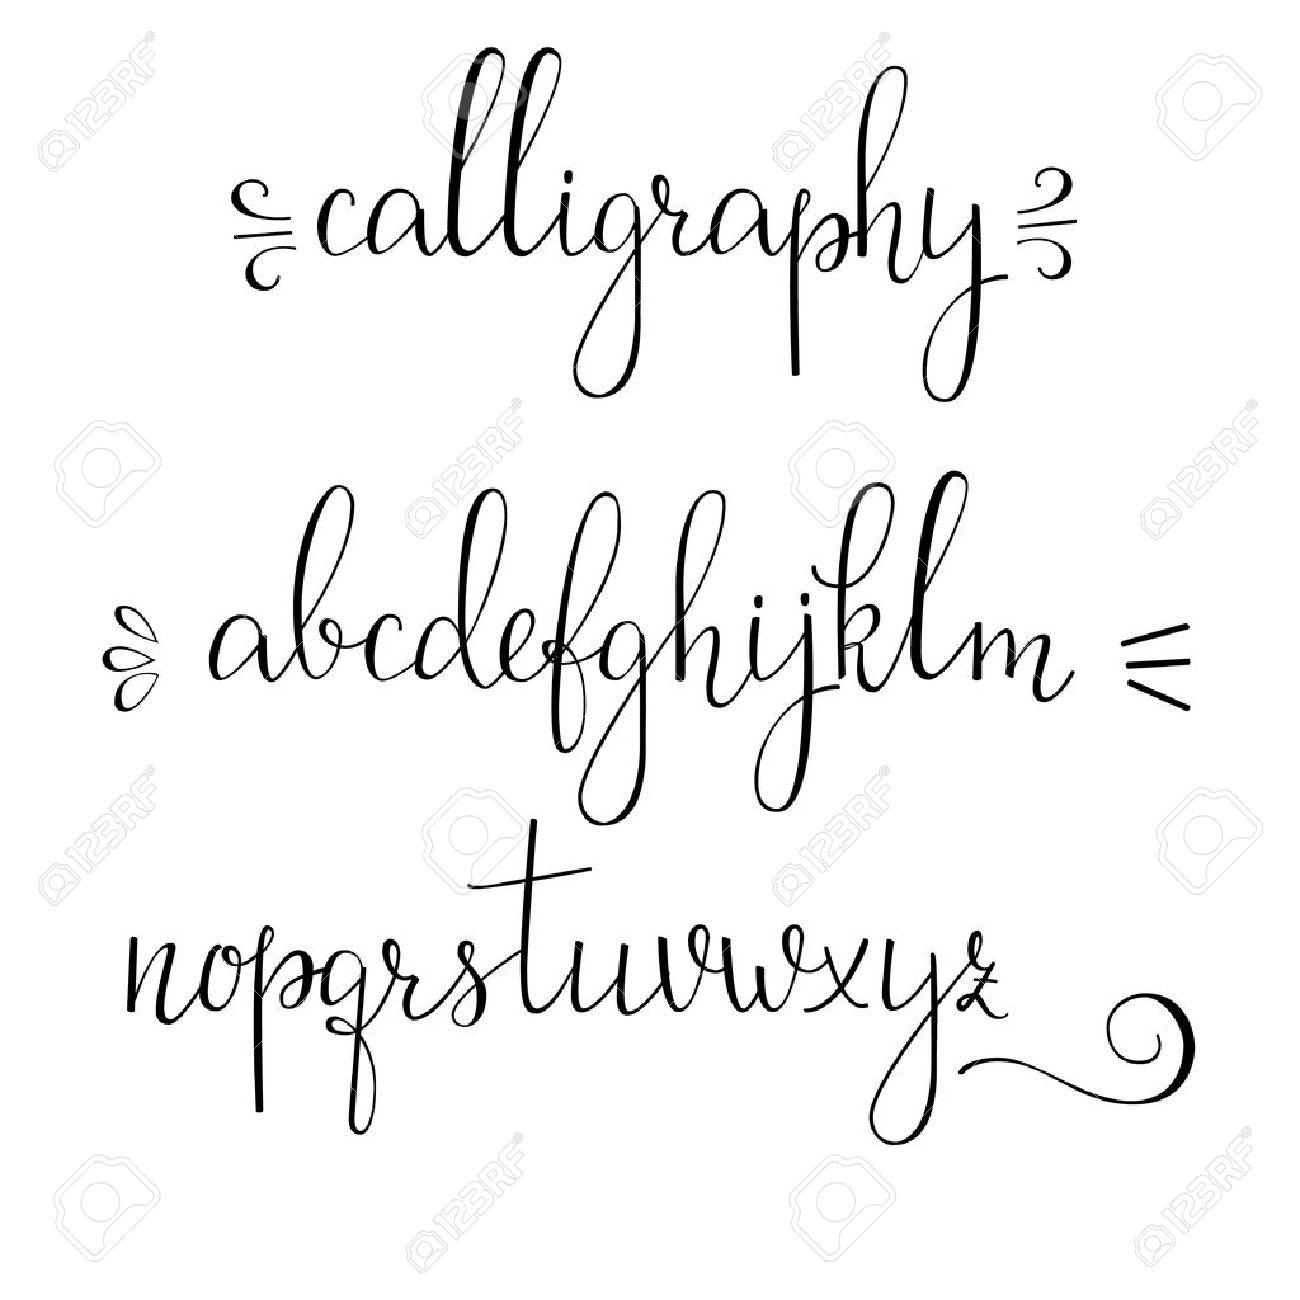 Fabulous Style Manuscrit D'encre De Stylo à Pointe Calligraphie Moderne  BT46